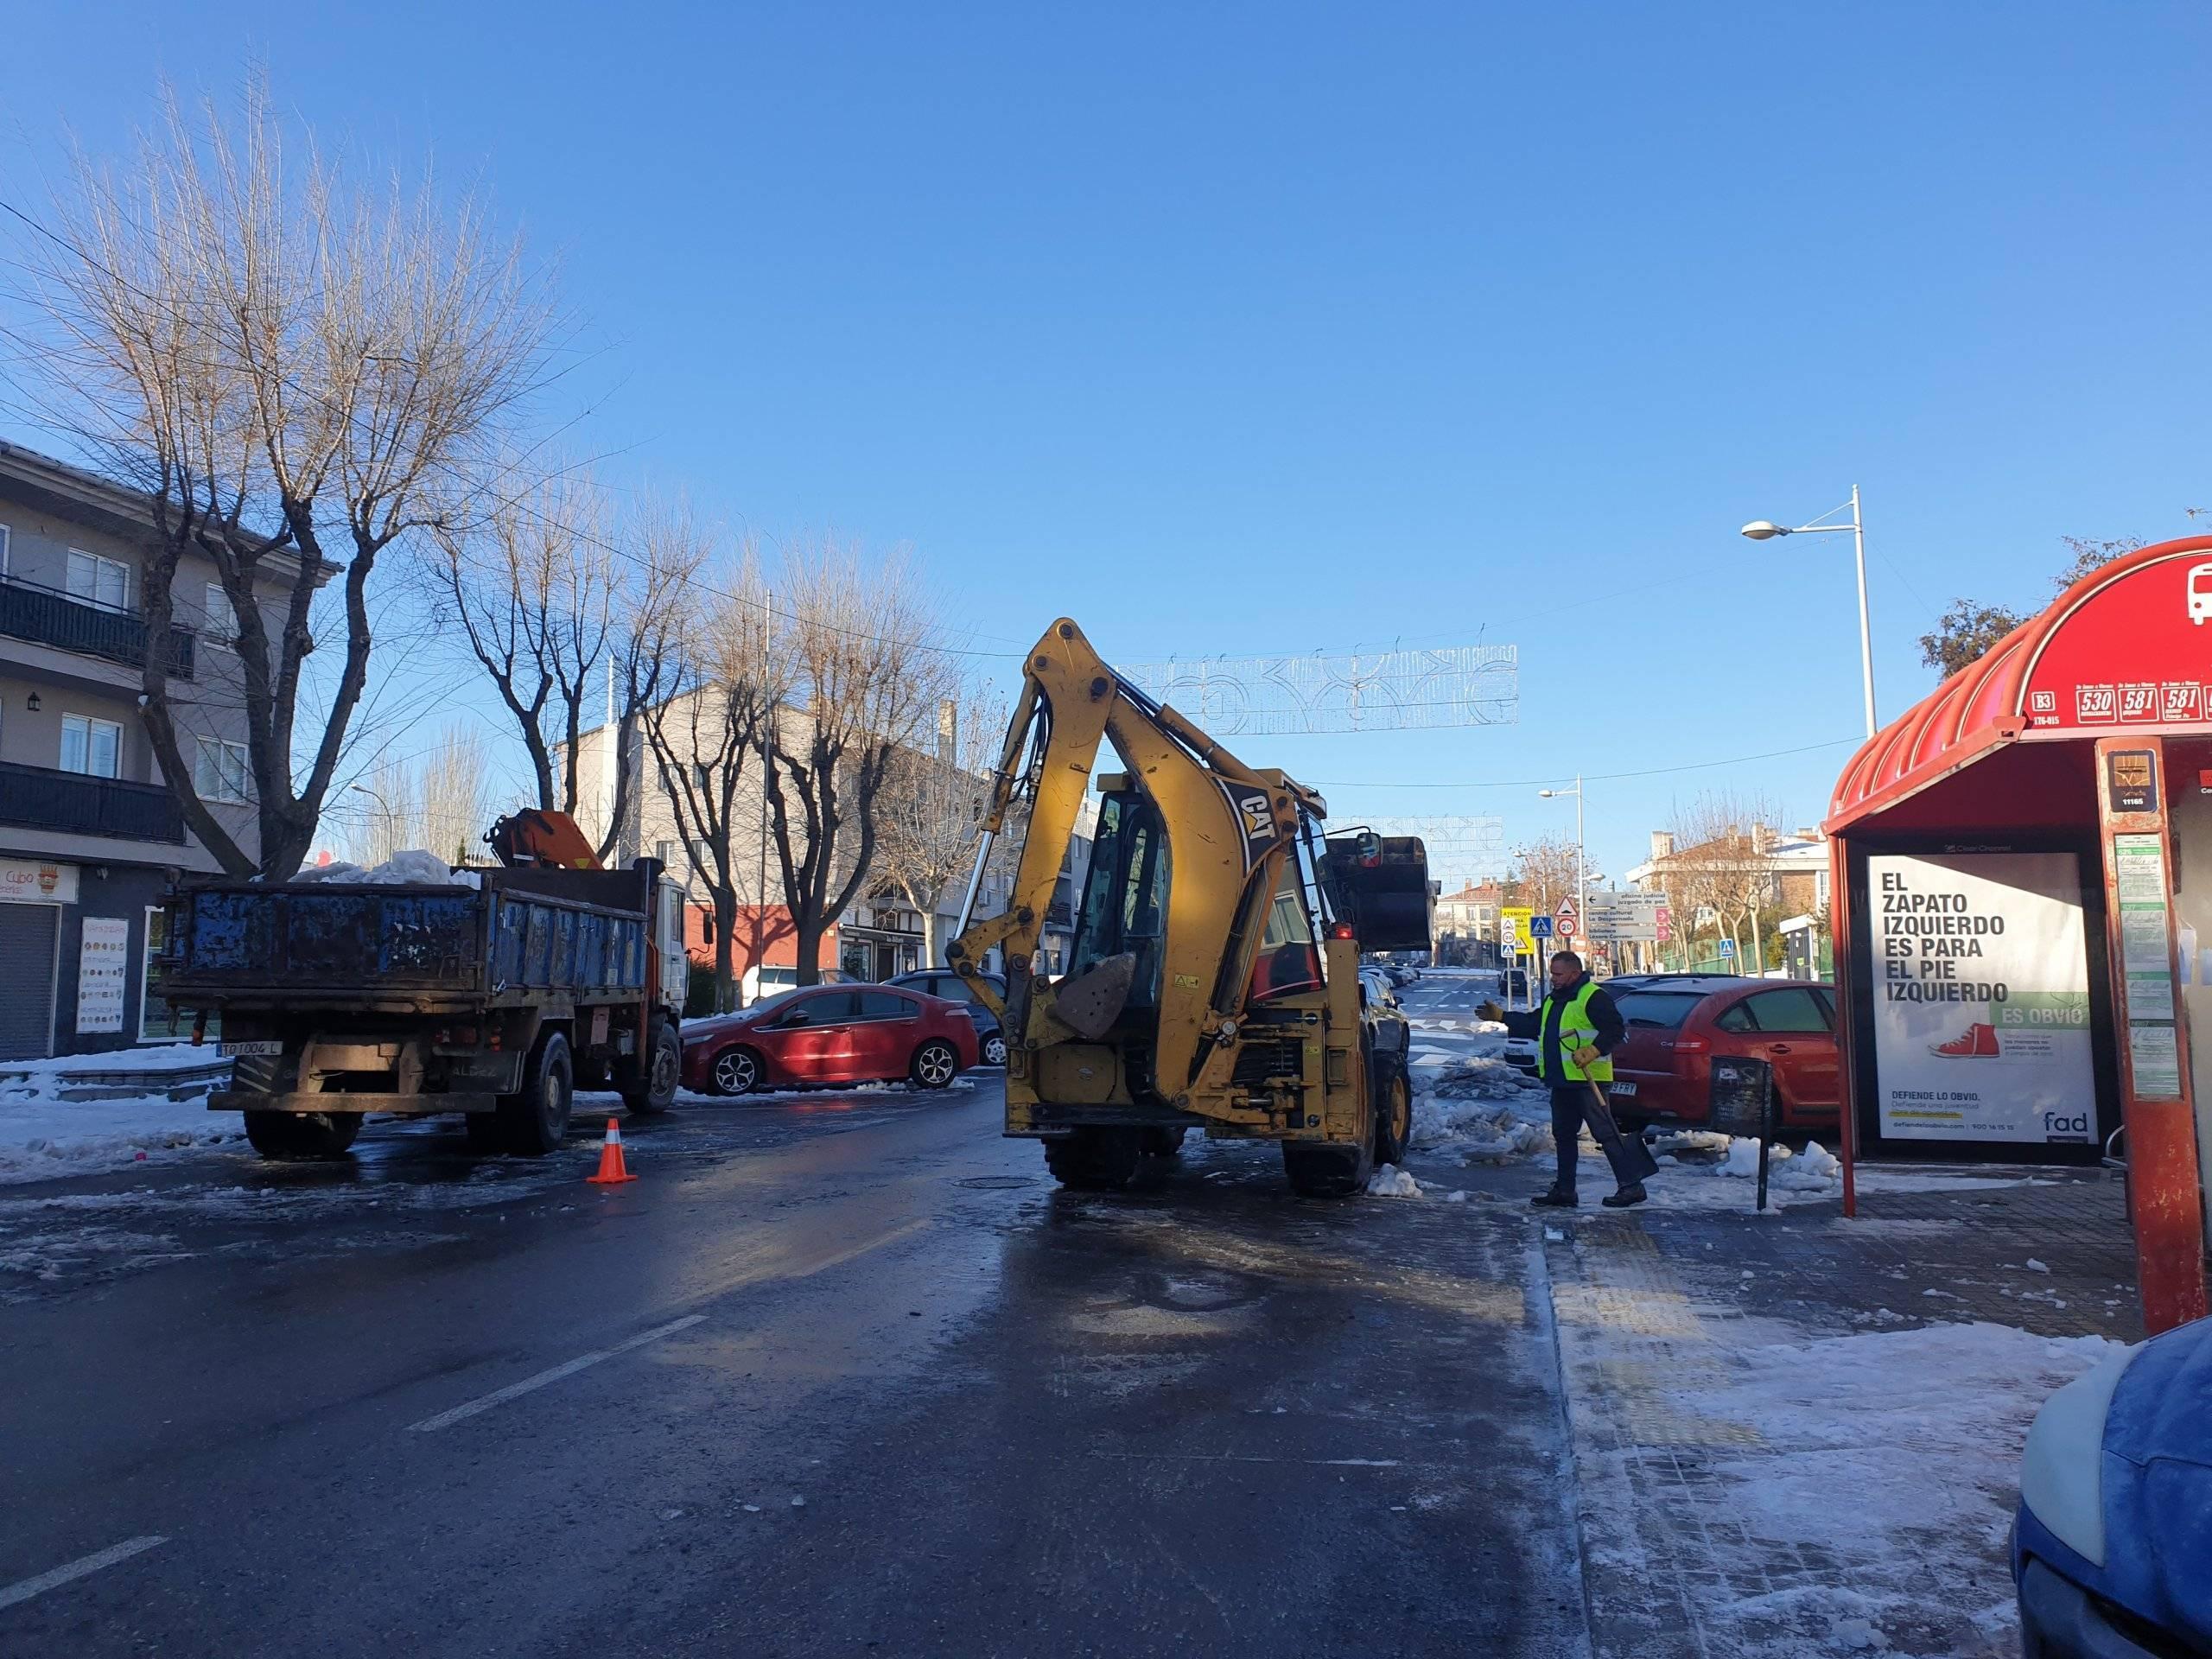 Máquinas trabajando en la retirada de nieve.